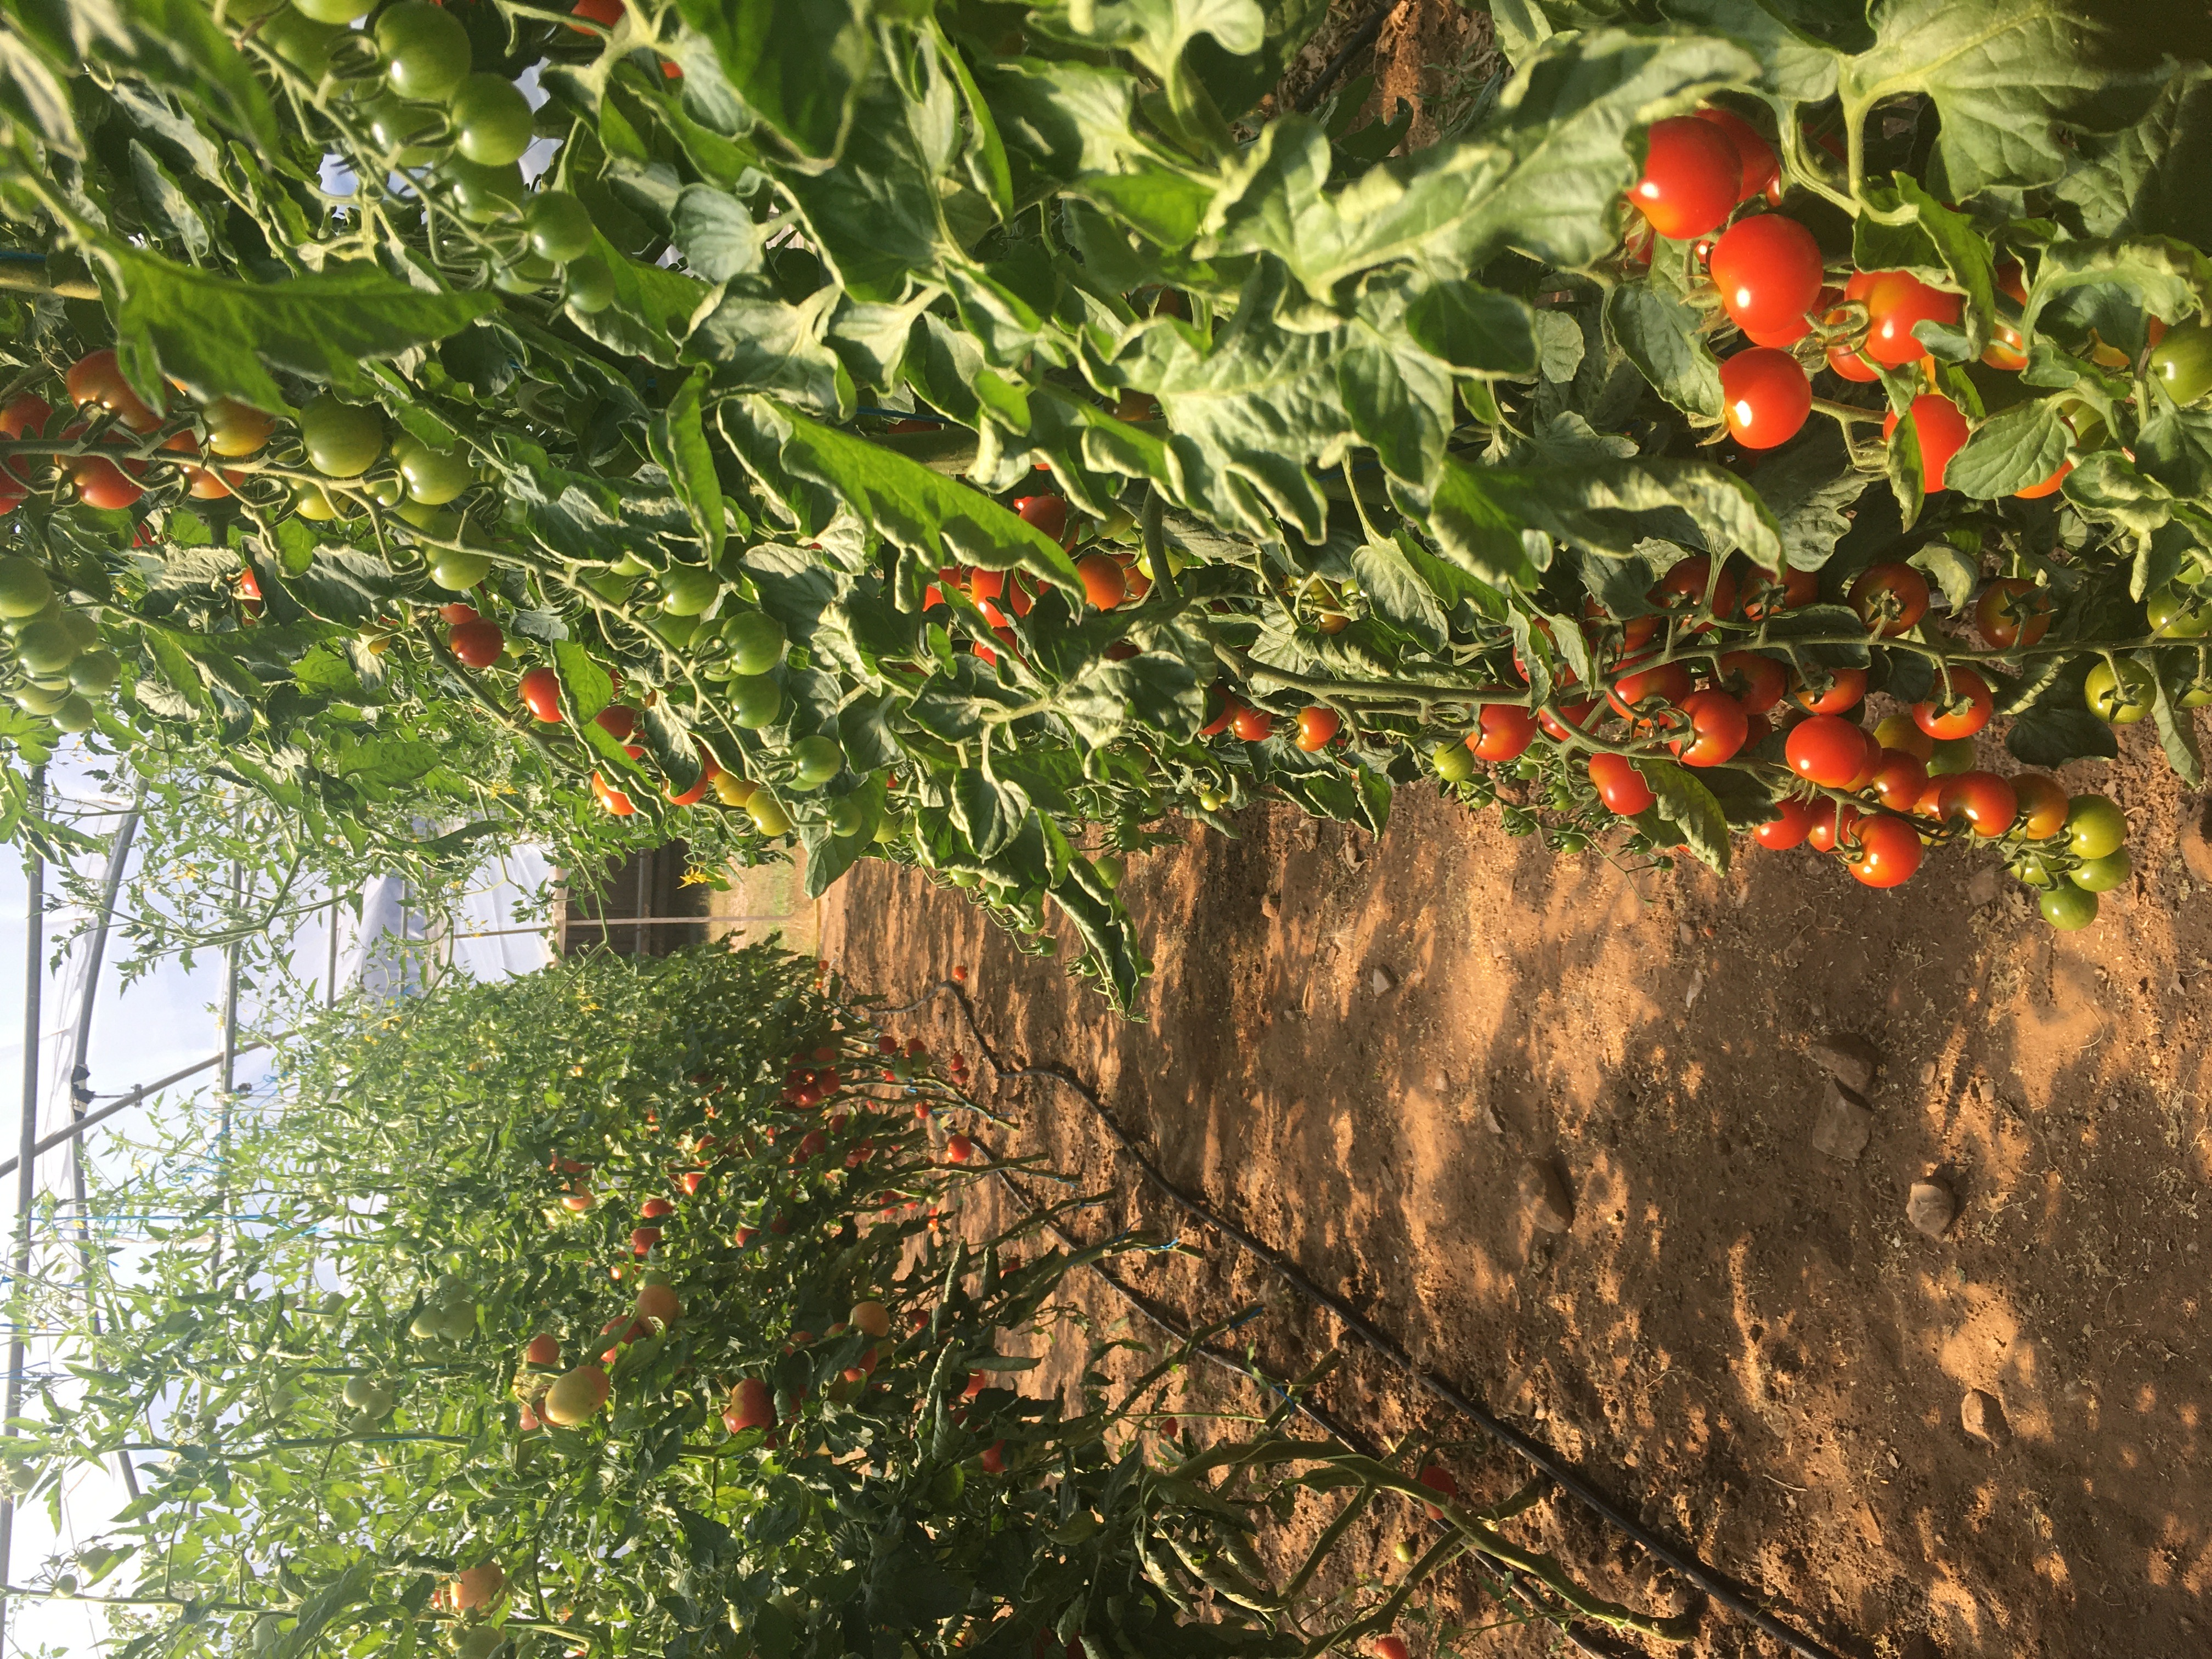 Unsere Tomaten im Folientunnel